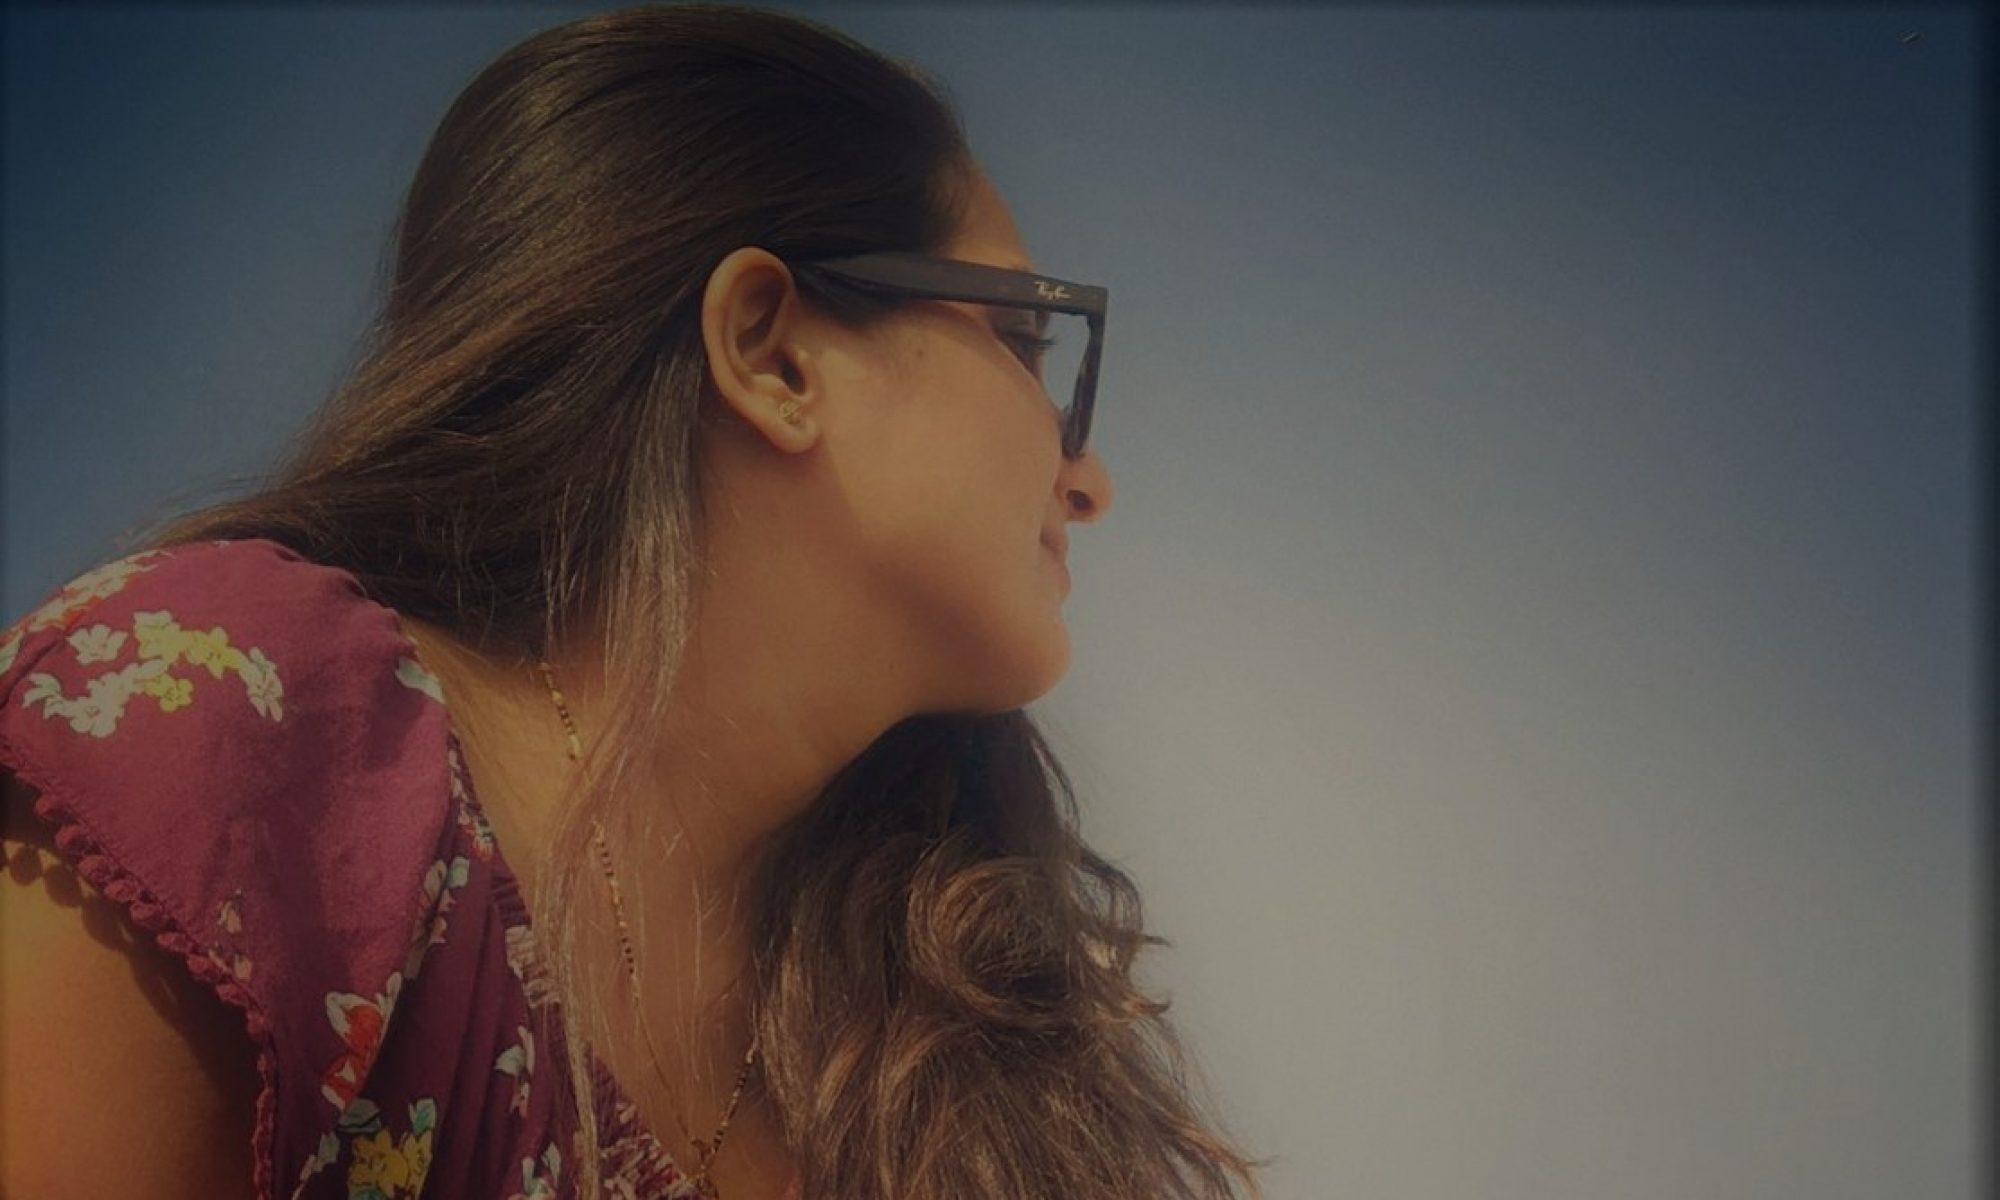 Rashmi Mishra